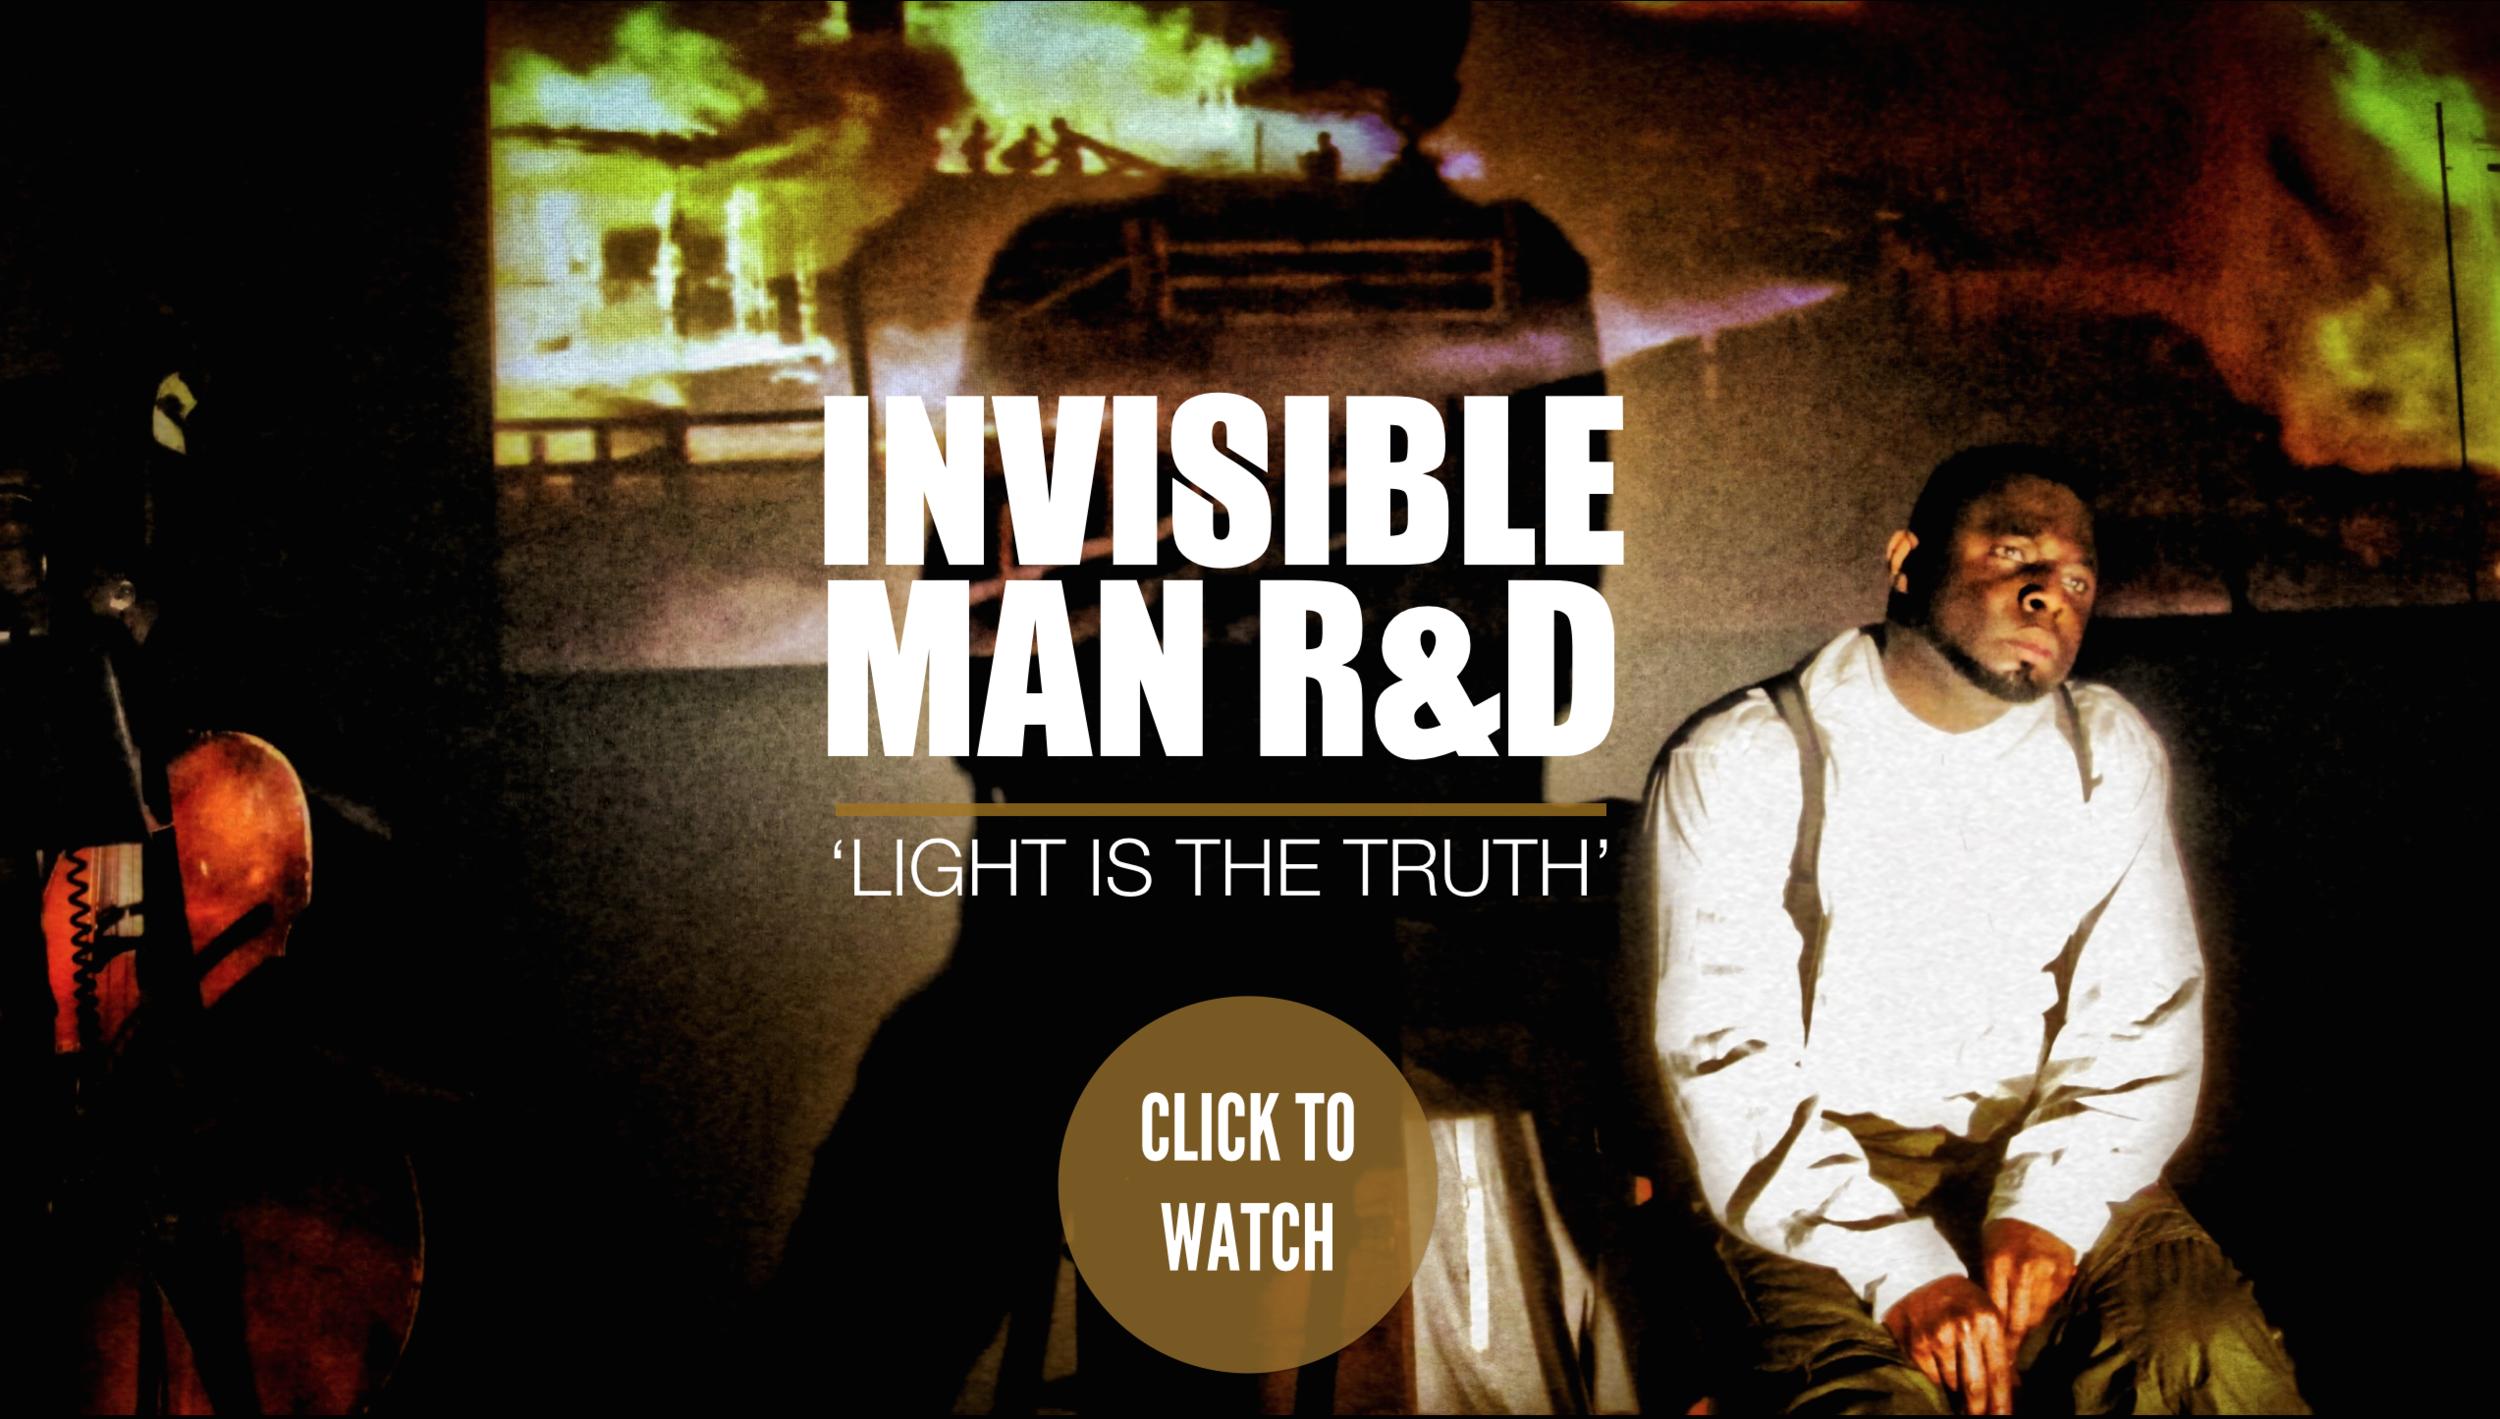 Invisible Man Bush.png